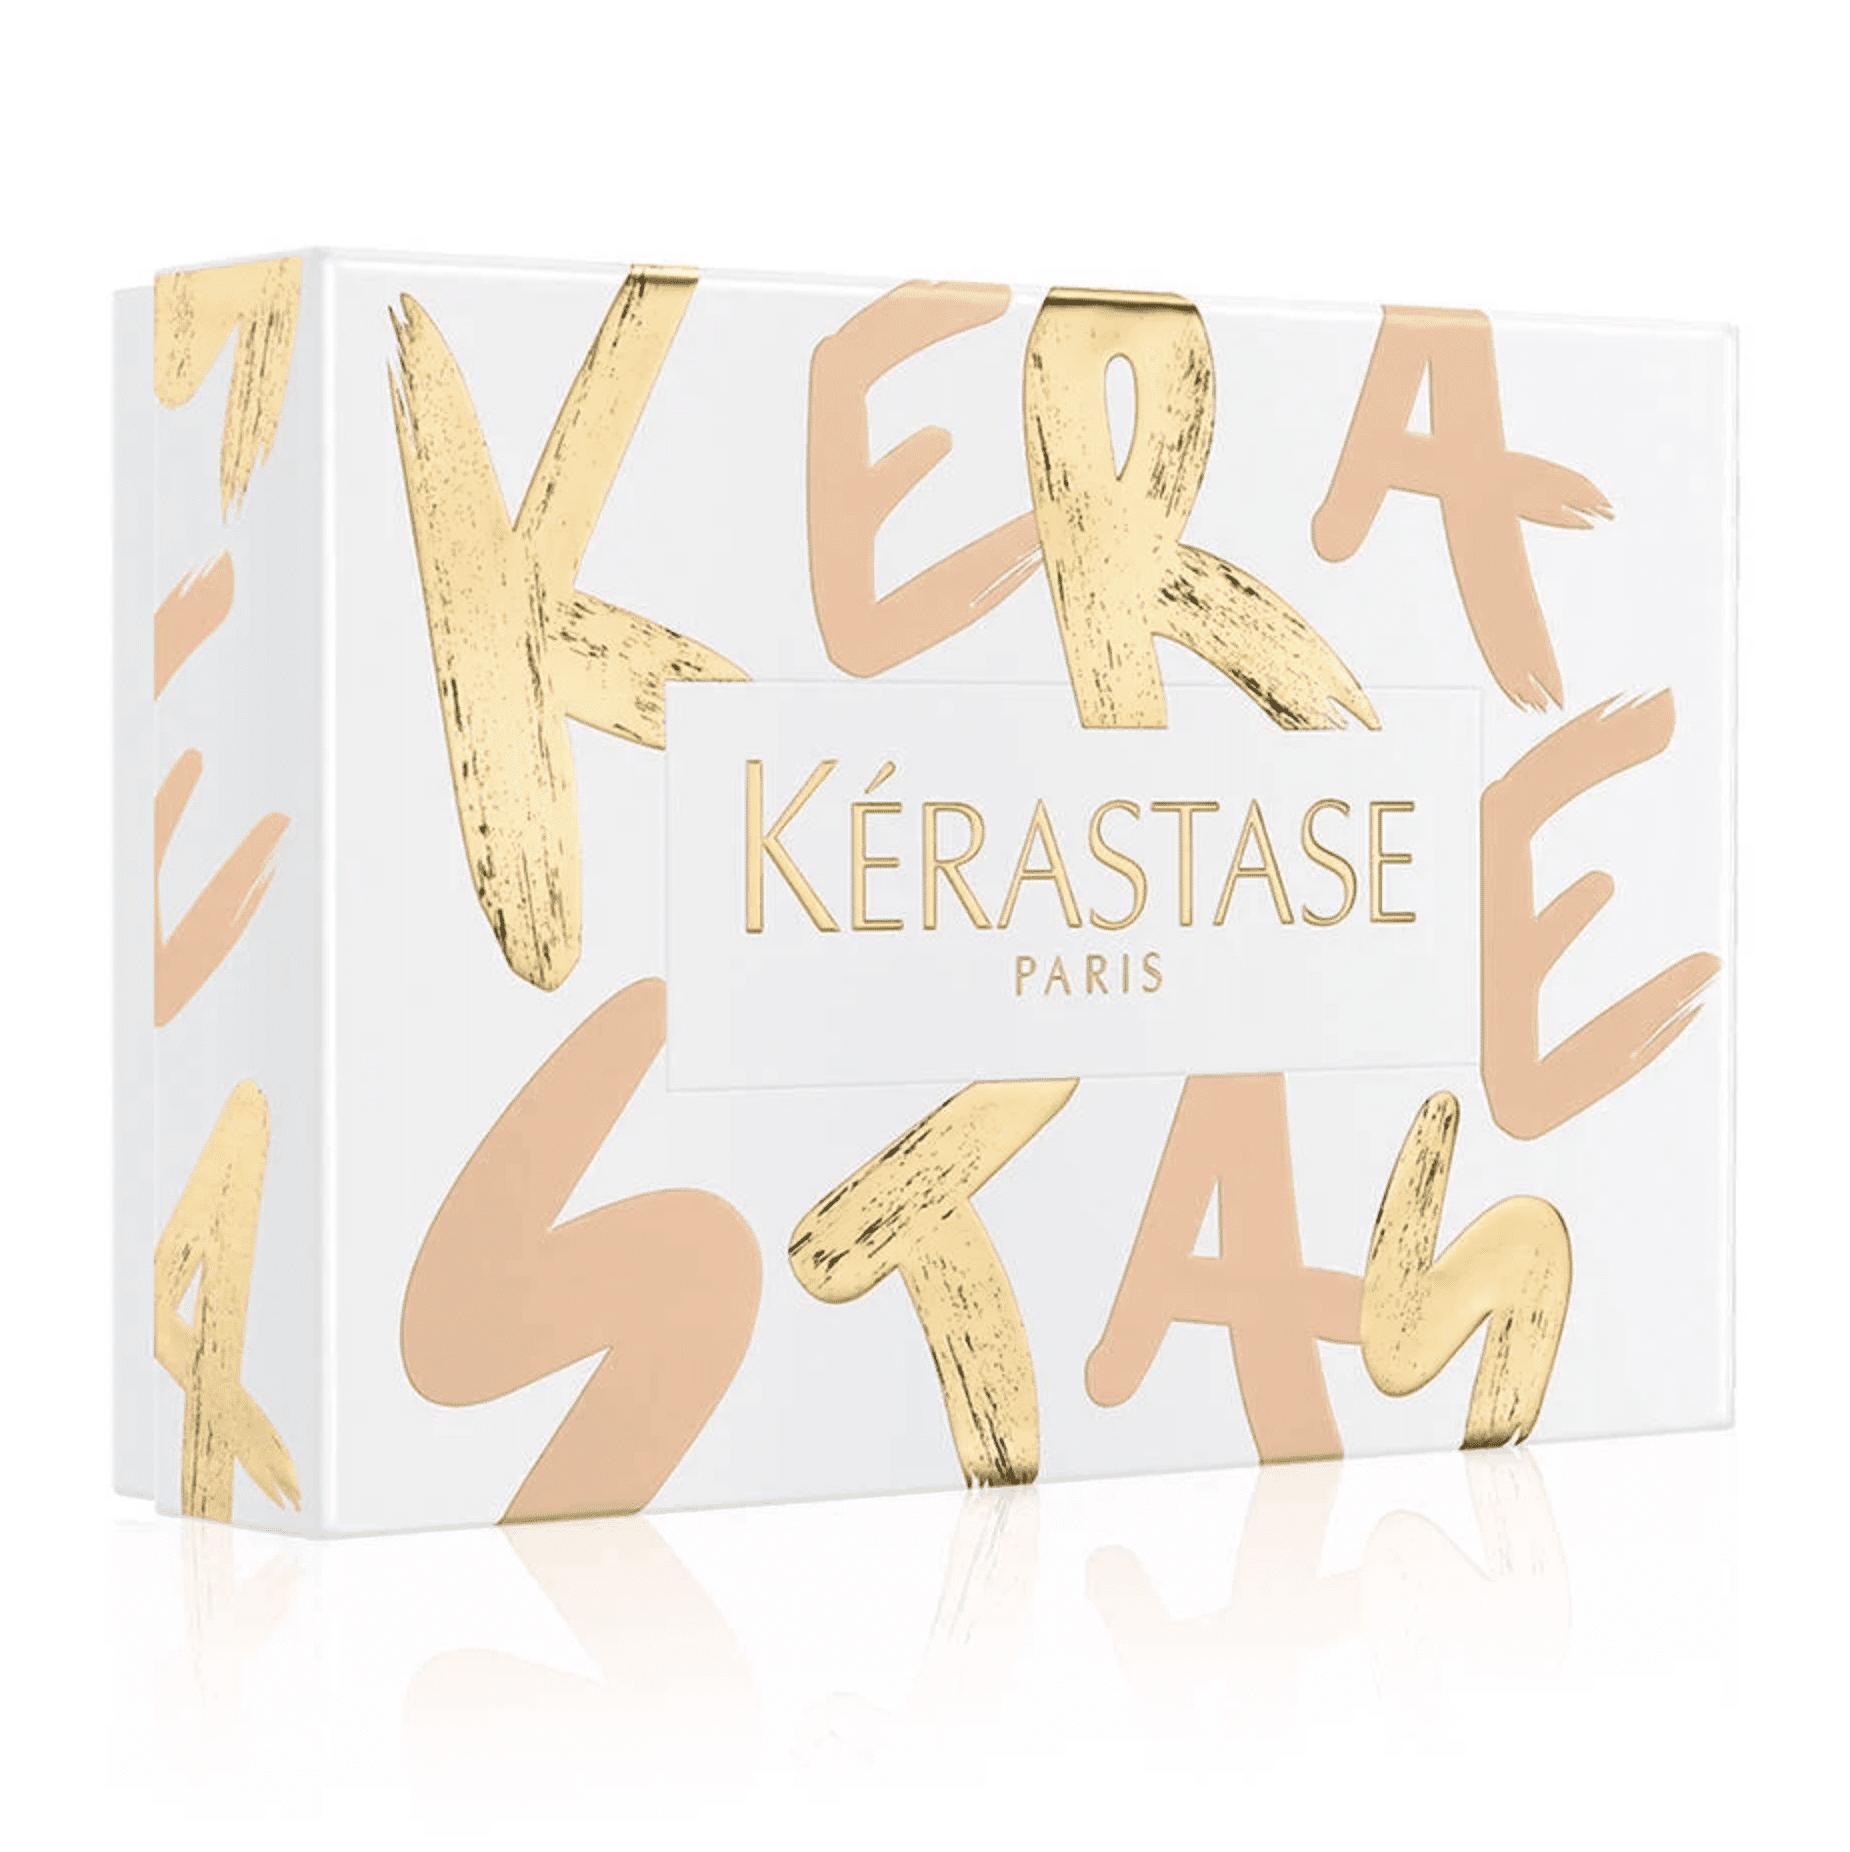 Kerastase Curl Manifesto Holiday Gift Set